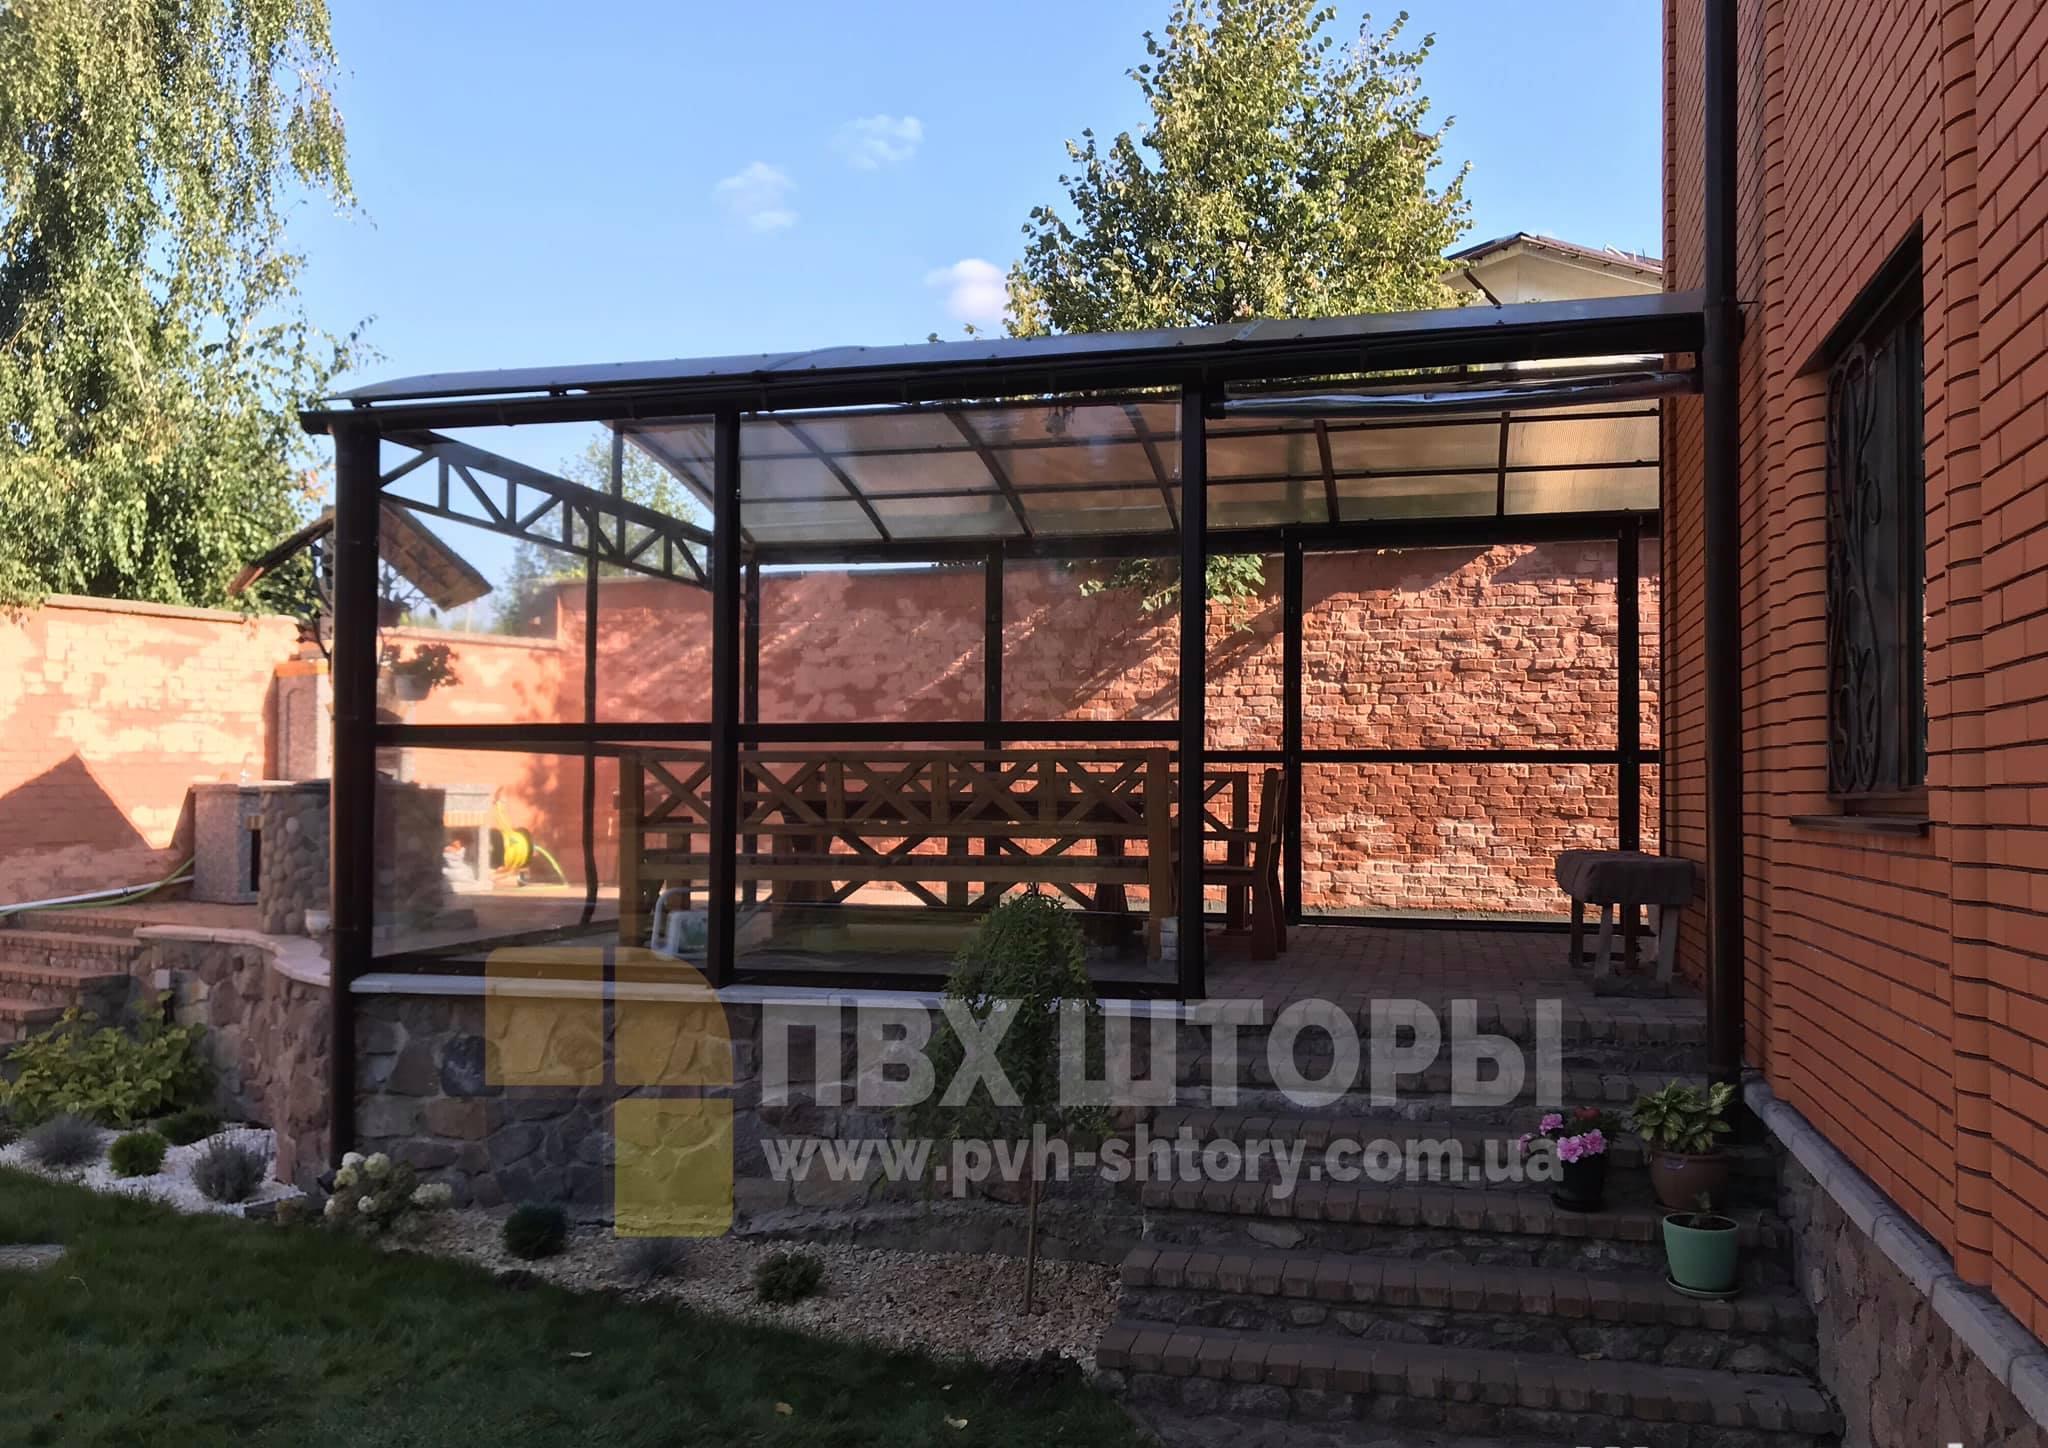 ПВХ шторы для беседки в Березовке